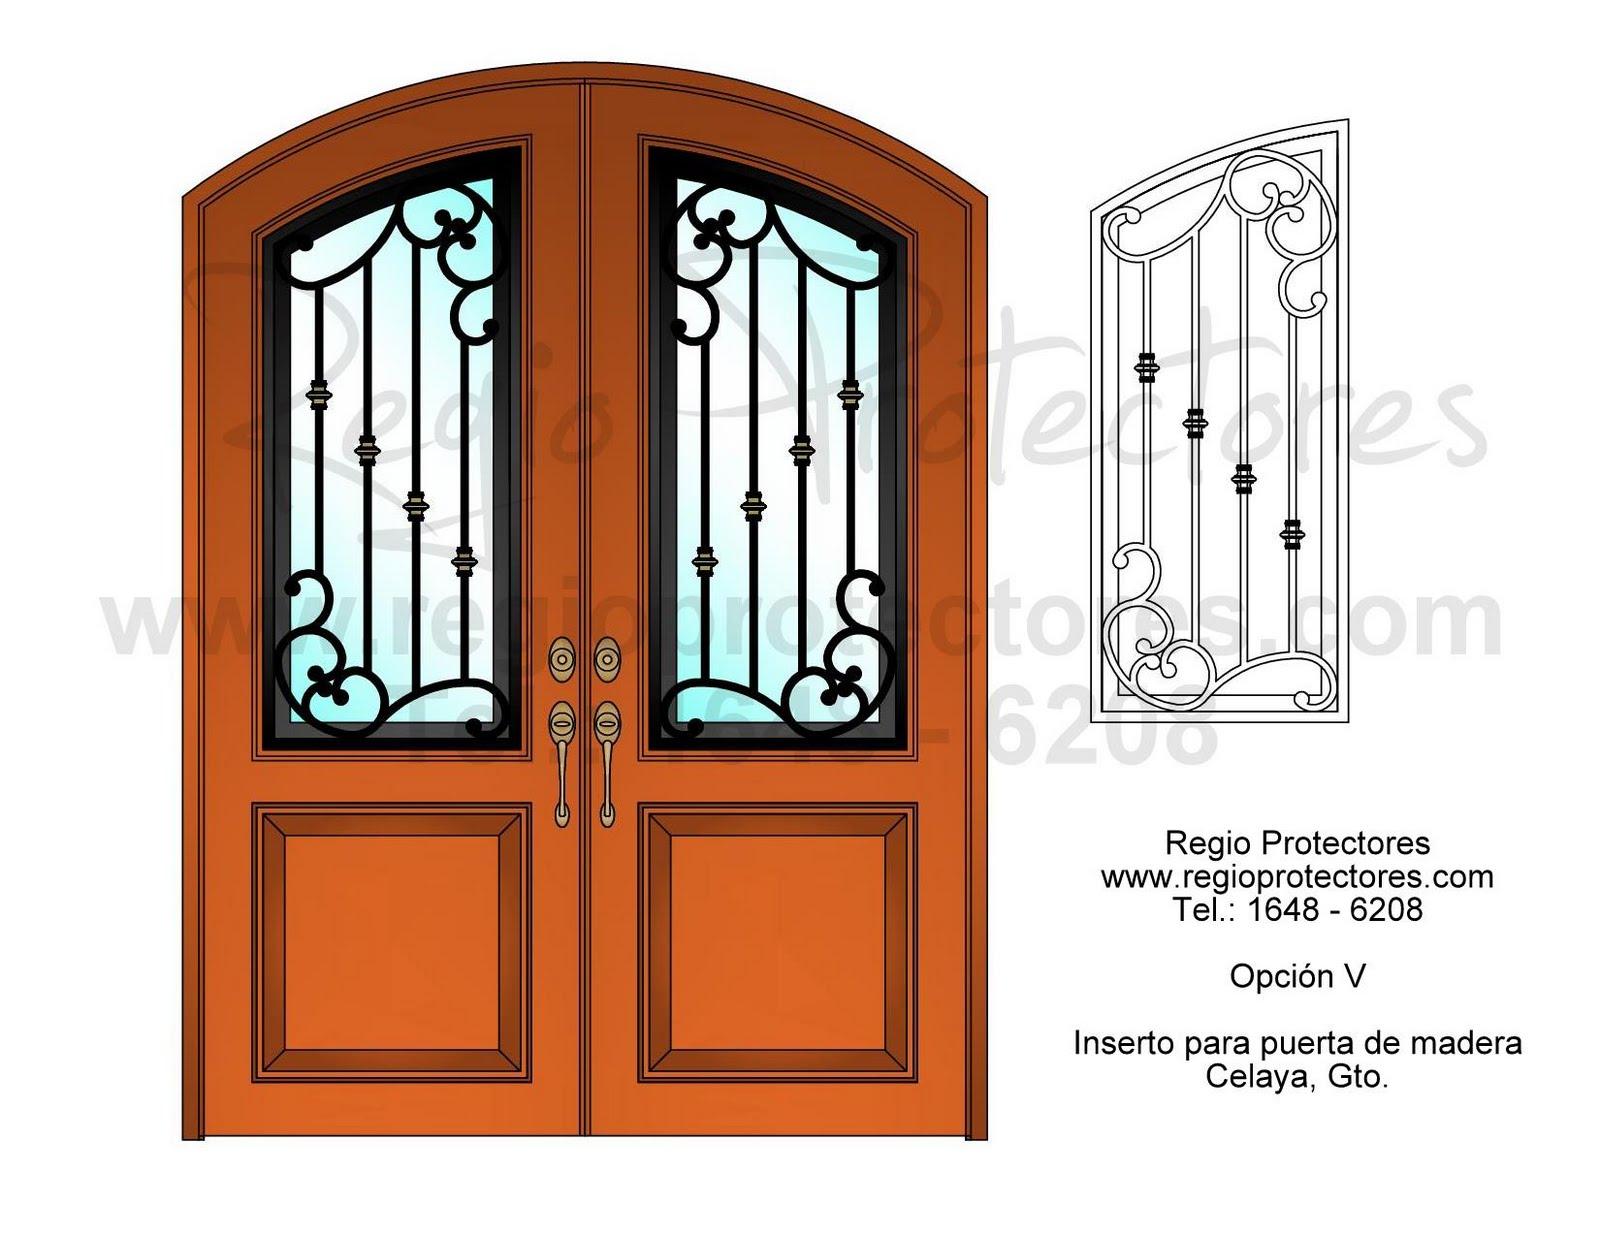 Pin puertas ventanas madera antiguas buenos aires casa - Pueras de madera ...